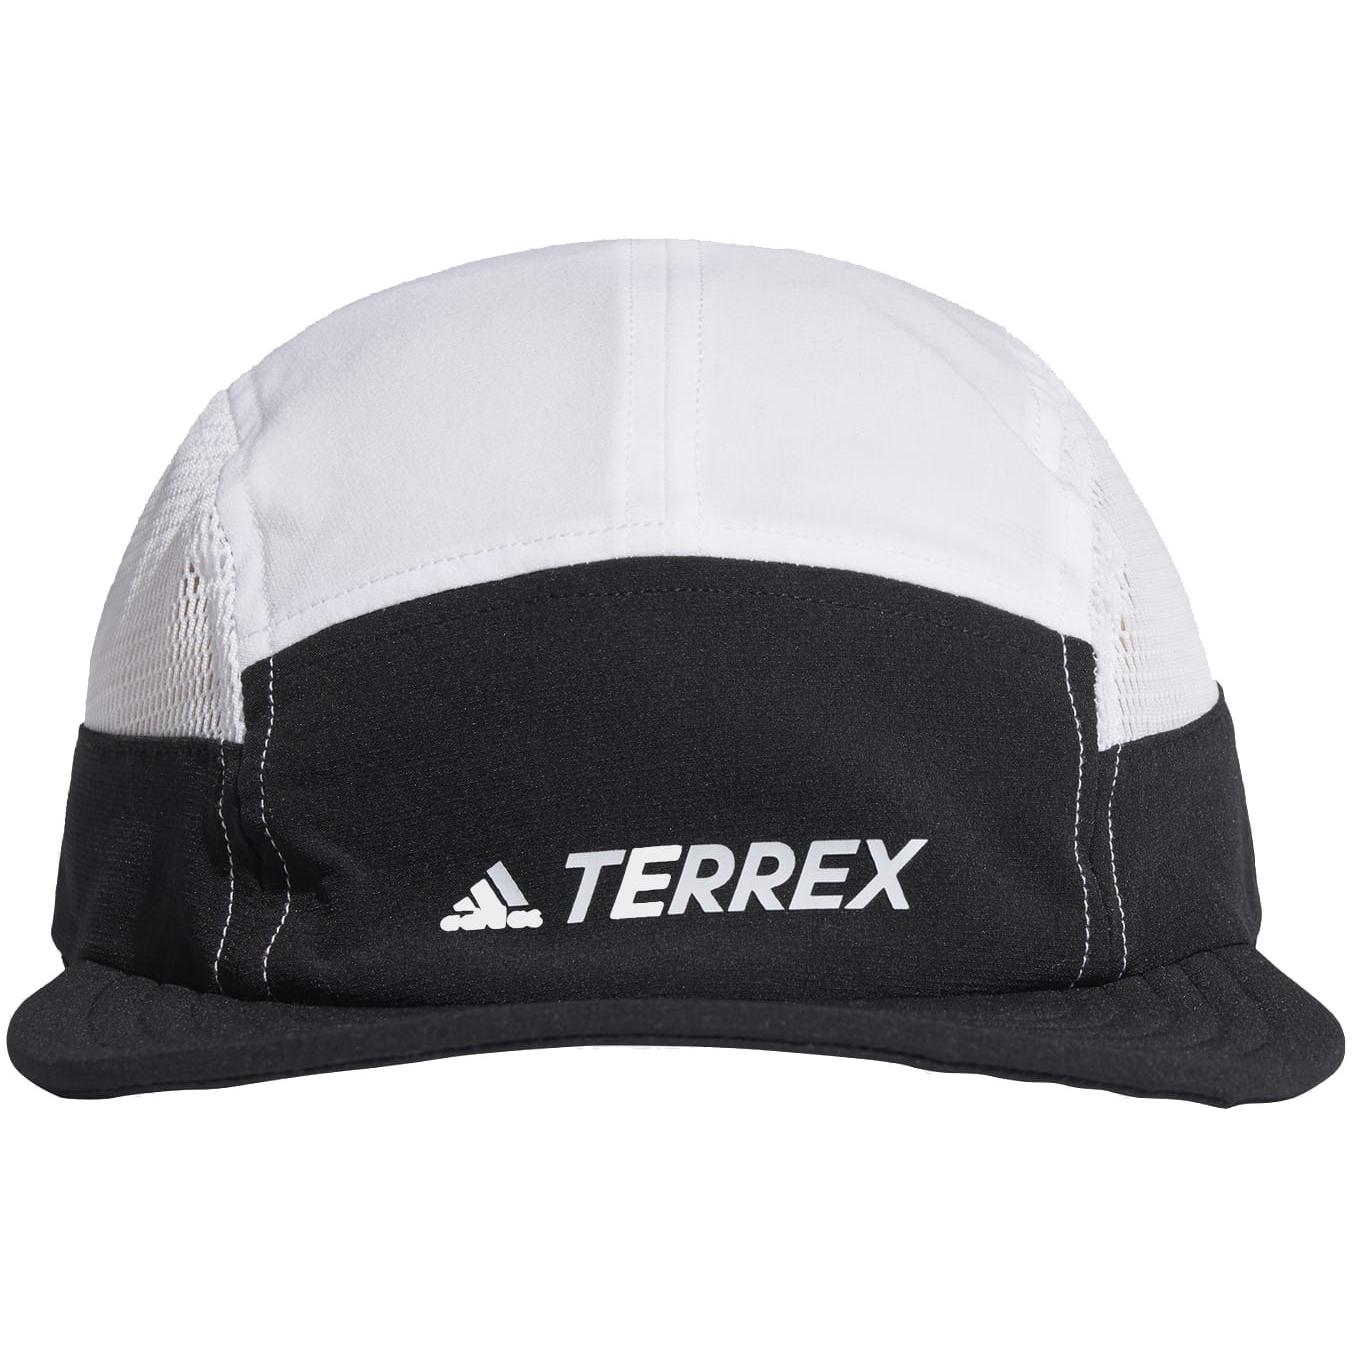 adidas TERREX Primegreen AEROREADY Five-Panel Cap - black/white/white GL8959